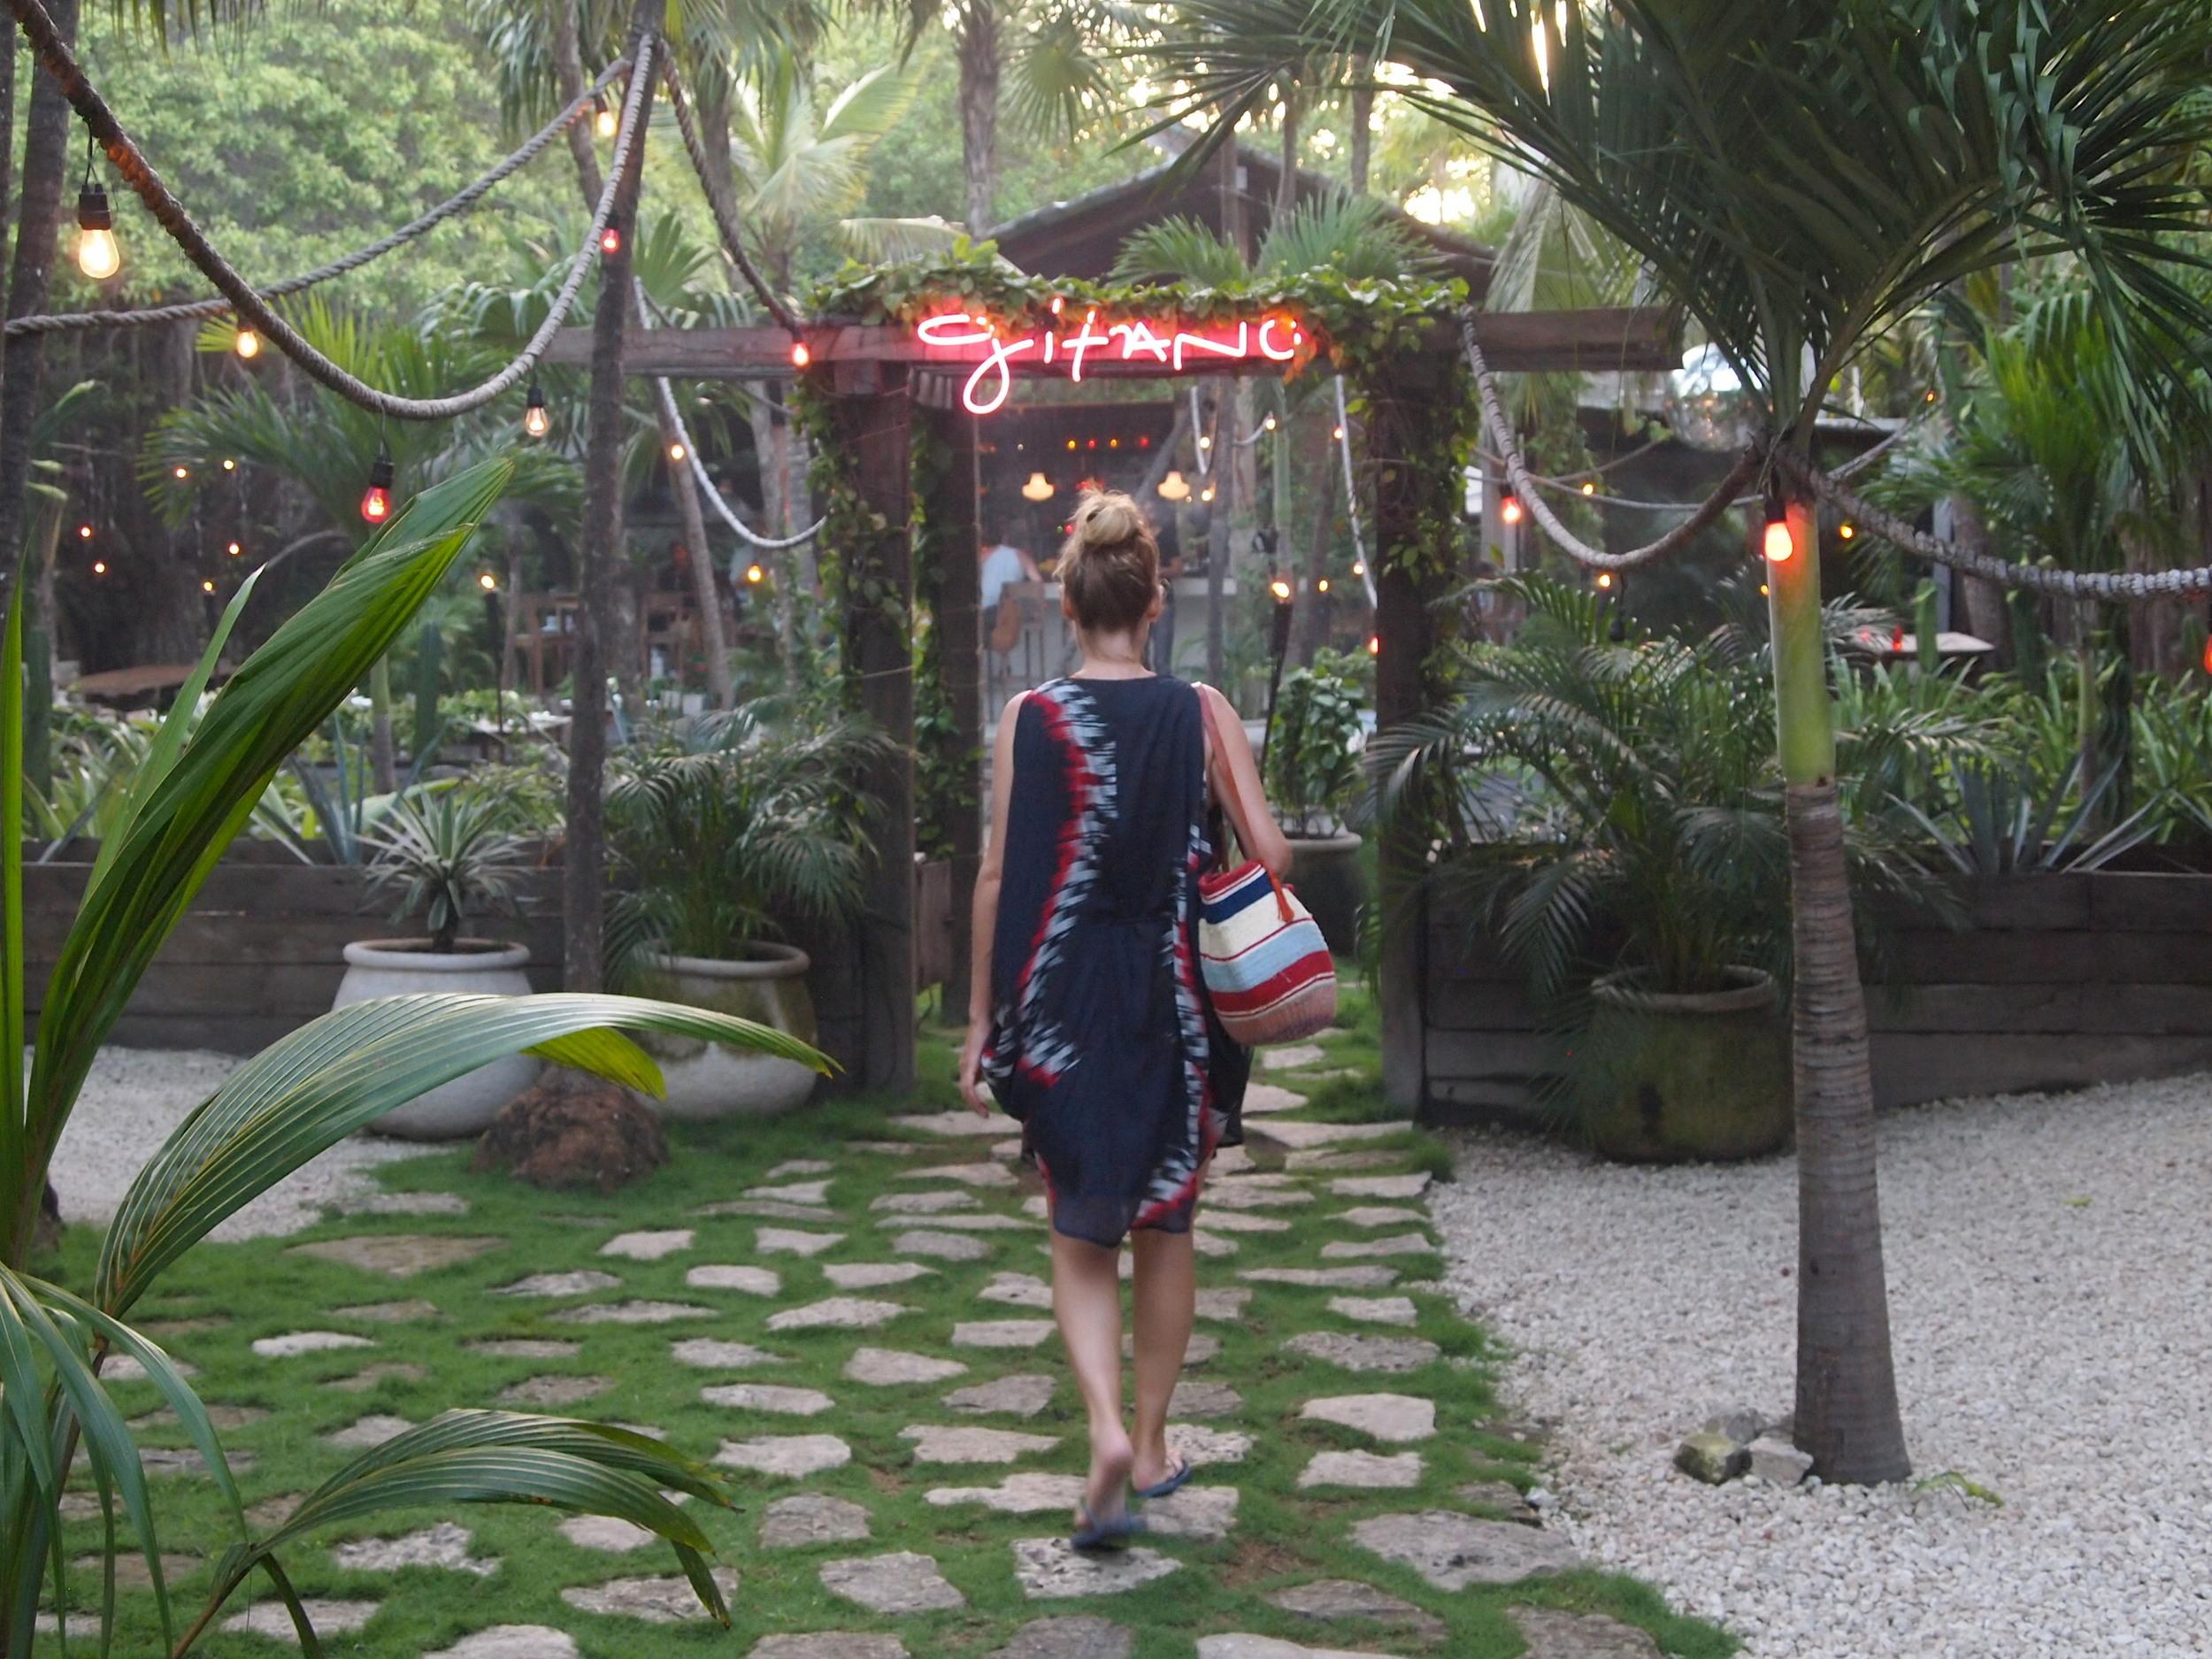 Mexico. Walking into Gitano, an open-air restaurant so eye-catching, I wish was my backyard.